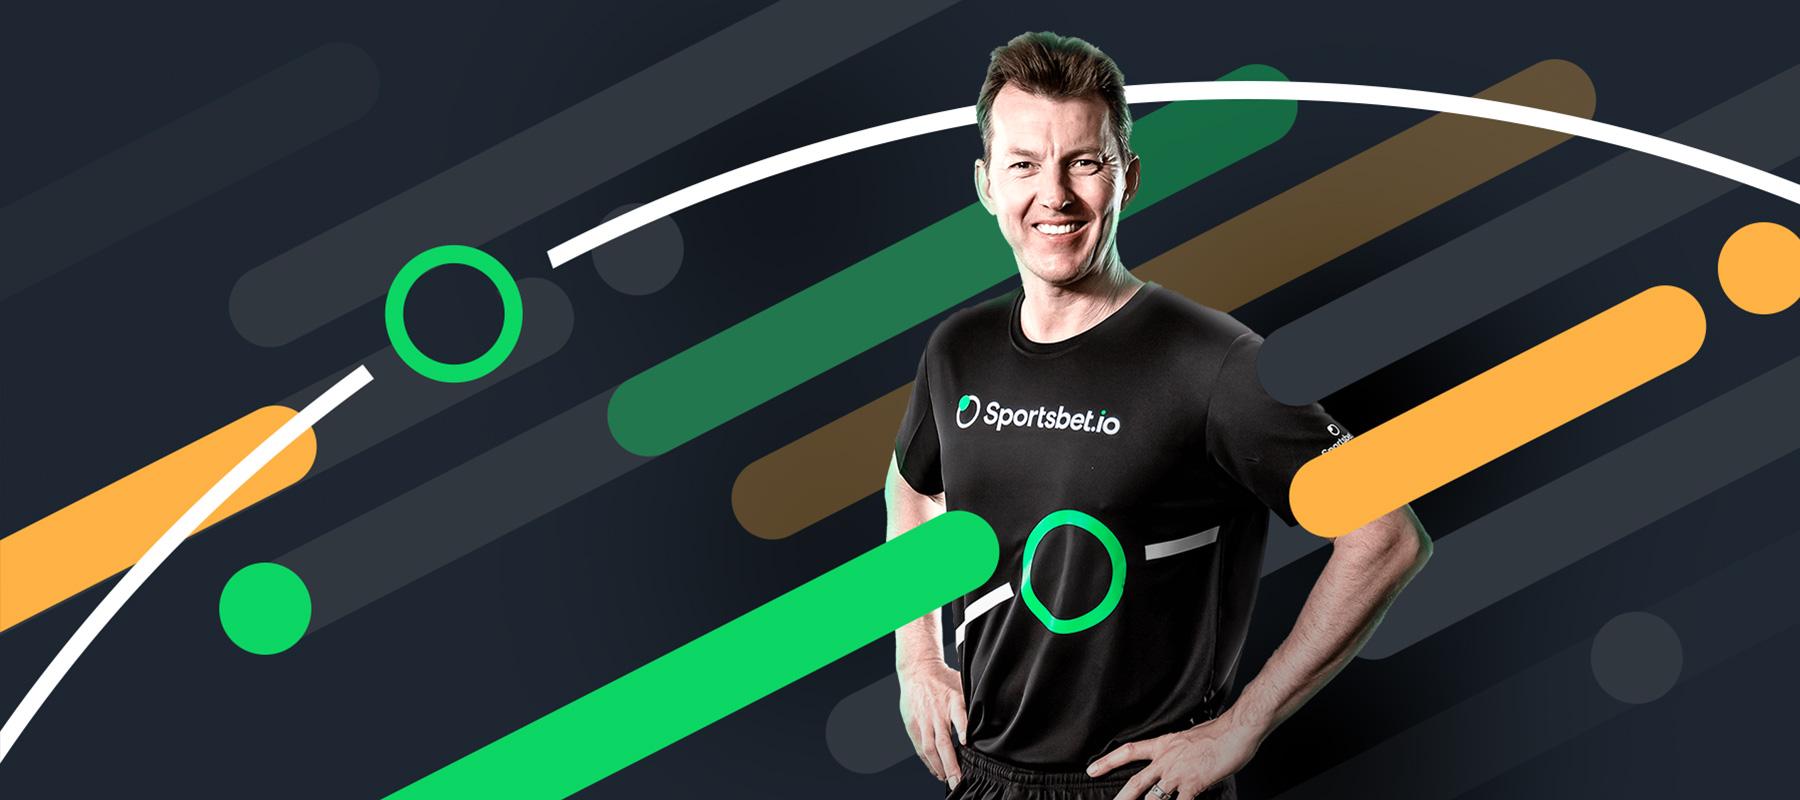 Brett Lee signed up for Sportsbet.io